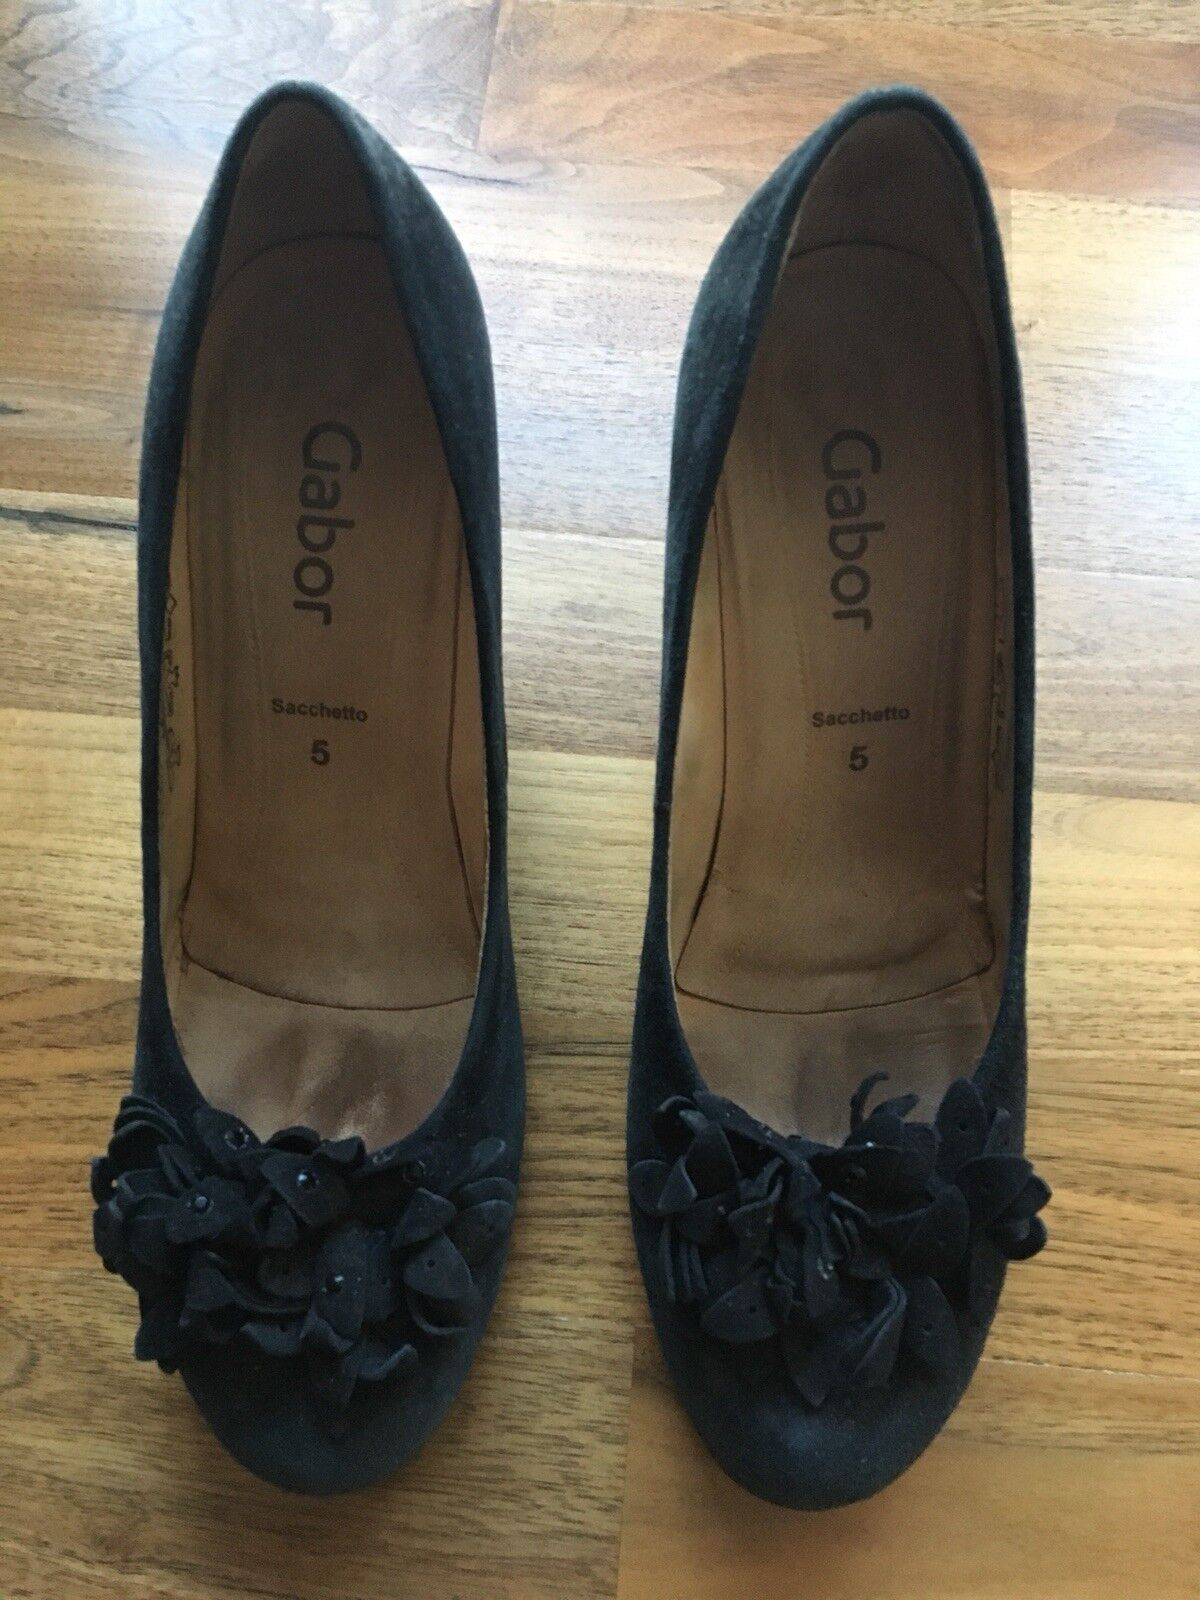 Gabor zapatos talla talla talla 5 Negro Corte tribunales Gamuza Tacón Alto Mujer-Excelente Estado  mas barato